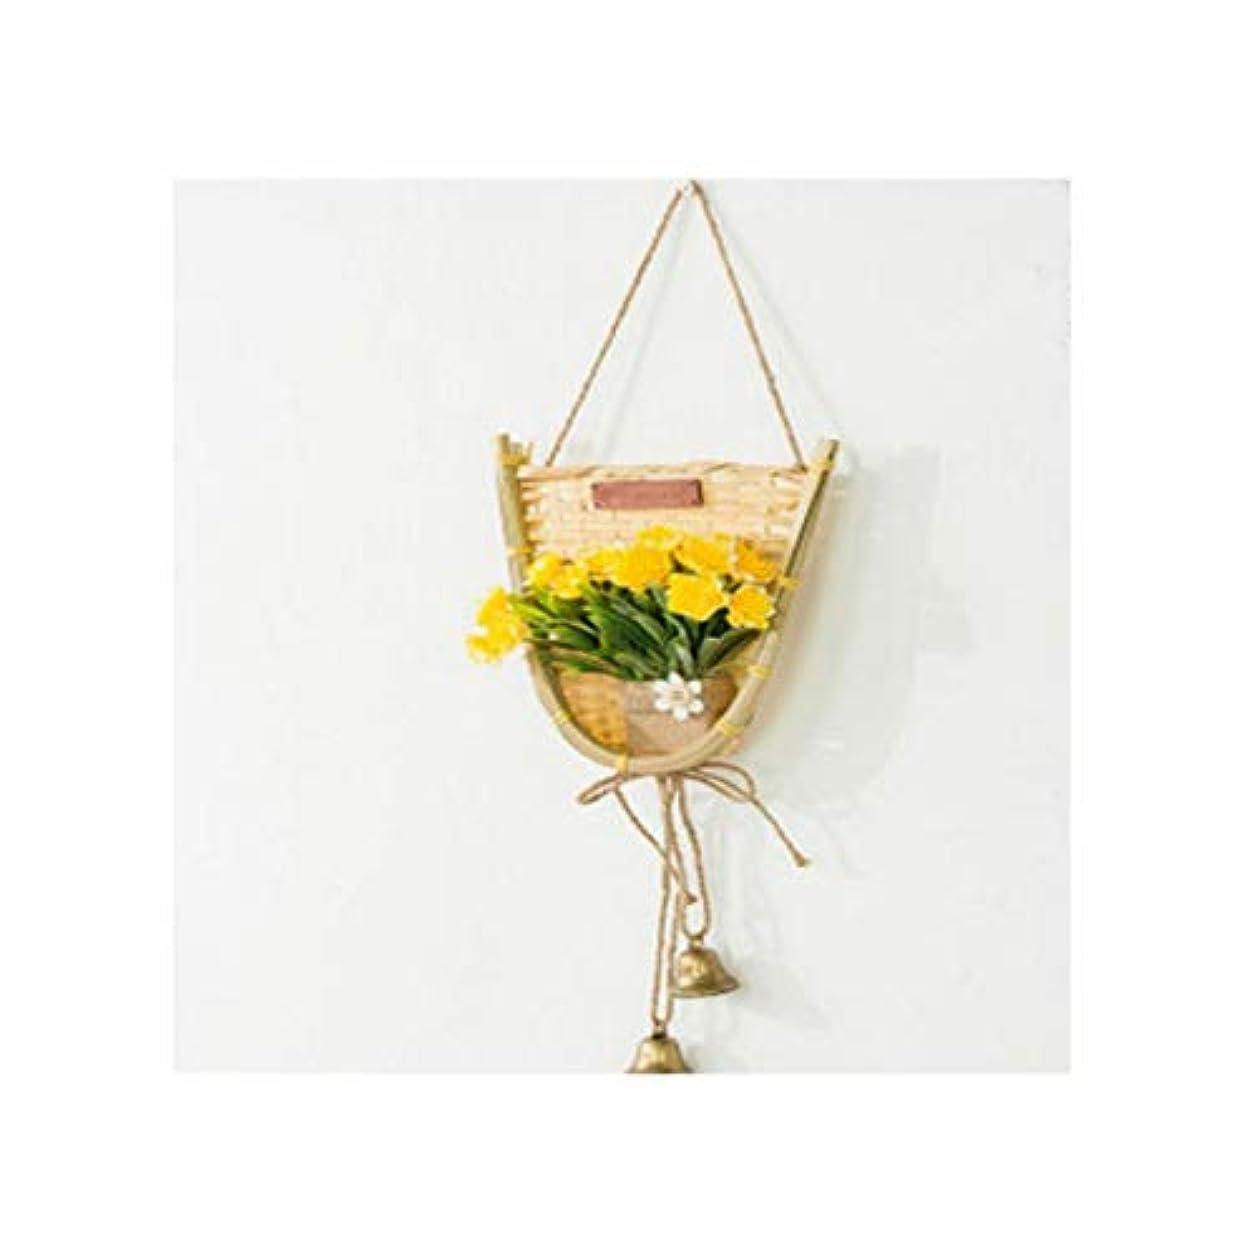 控える明快花に水をやるJiansheng001 壁の装飾、クリエイティブホームリビングルームの廊下の寝室の壁の装飾、Shilixiang半楕円,高貴 (Design : Shili incense semi-ellipse)